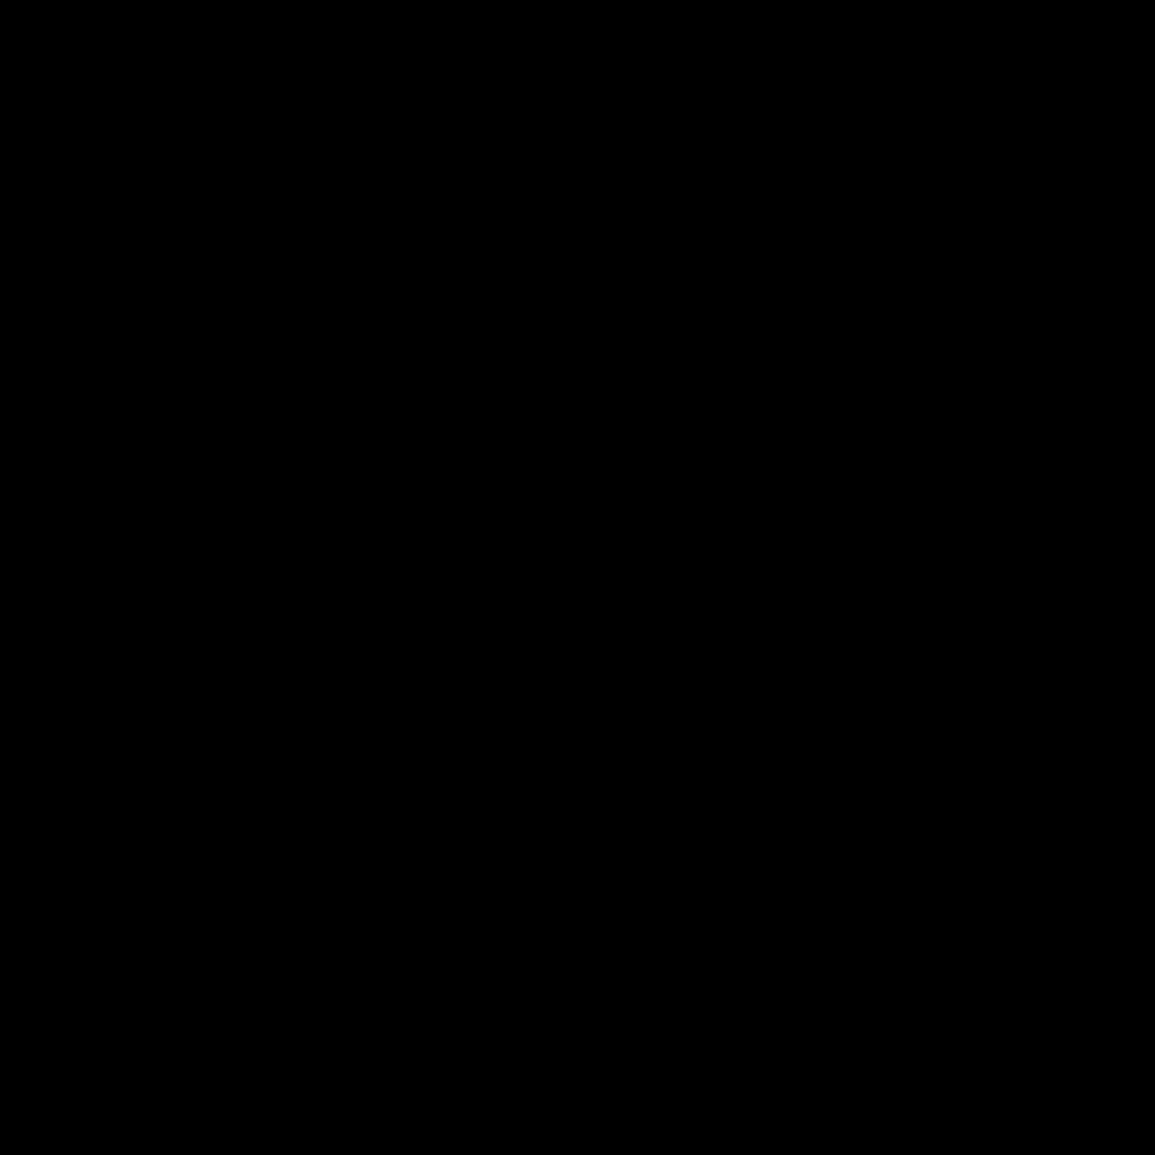 ゴナ L かなC LNAG-C 字形見本